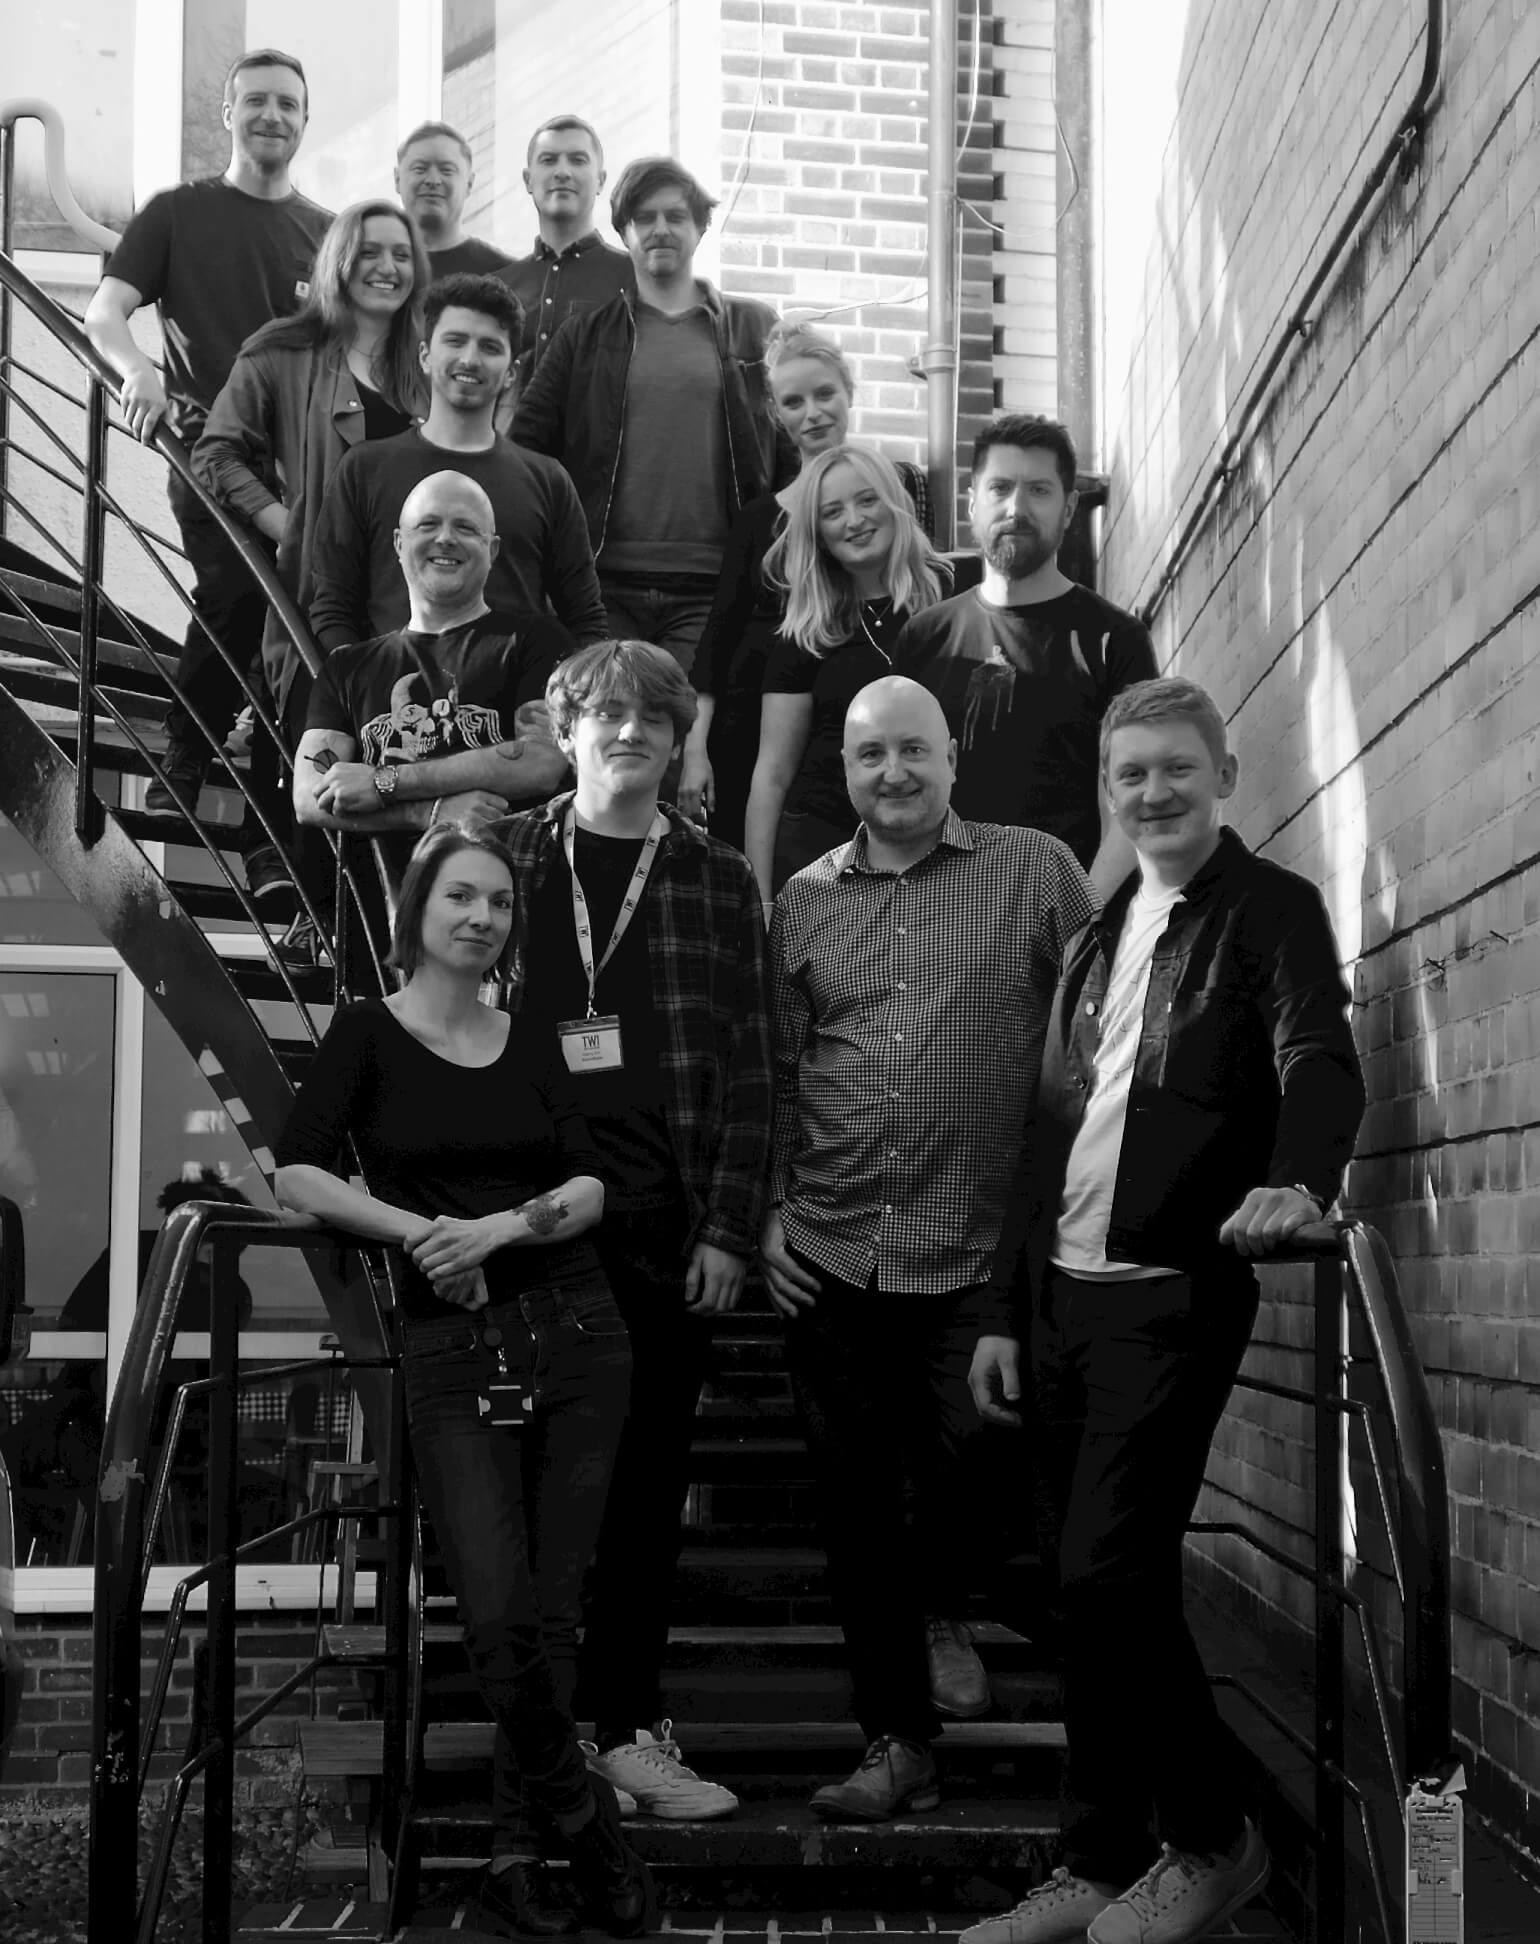 the-team-at-soundbyte-studios-uk-james-mather.jpg